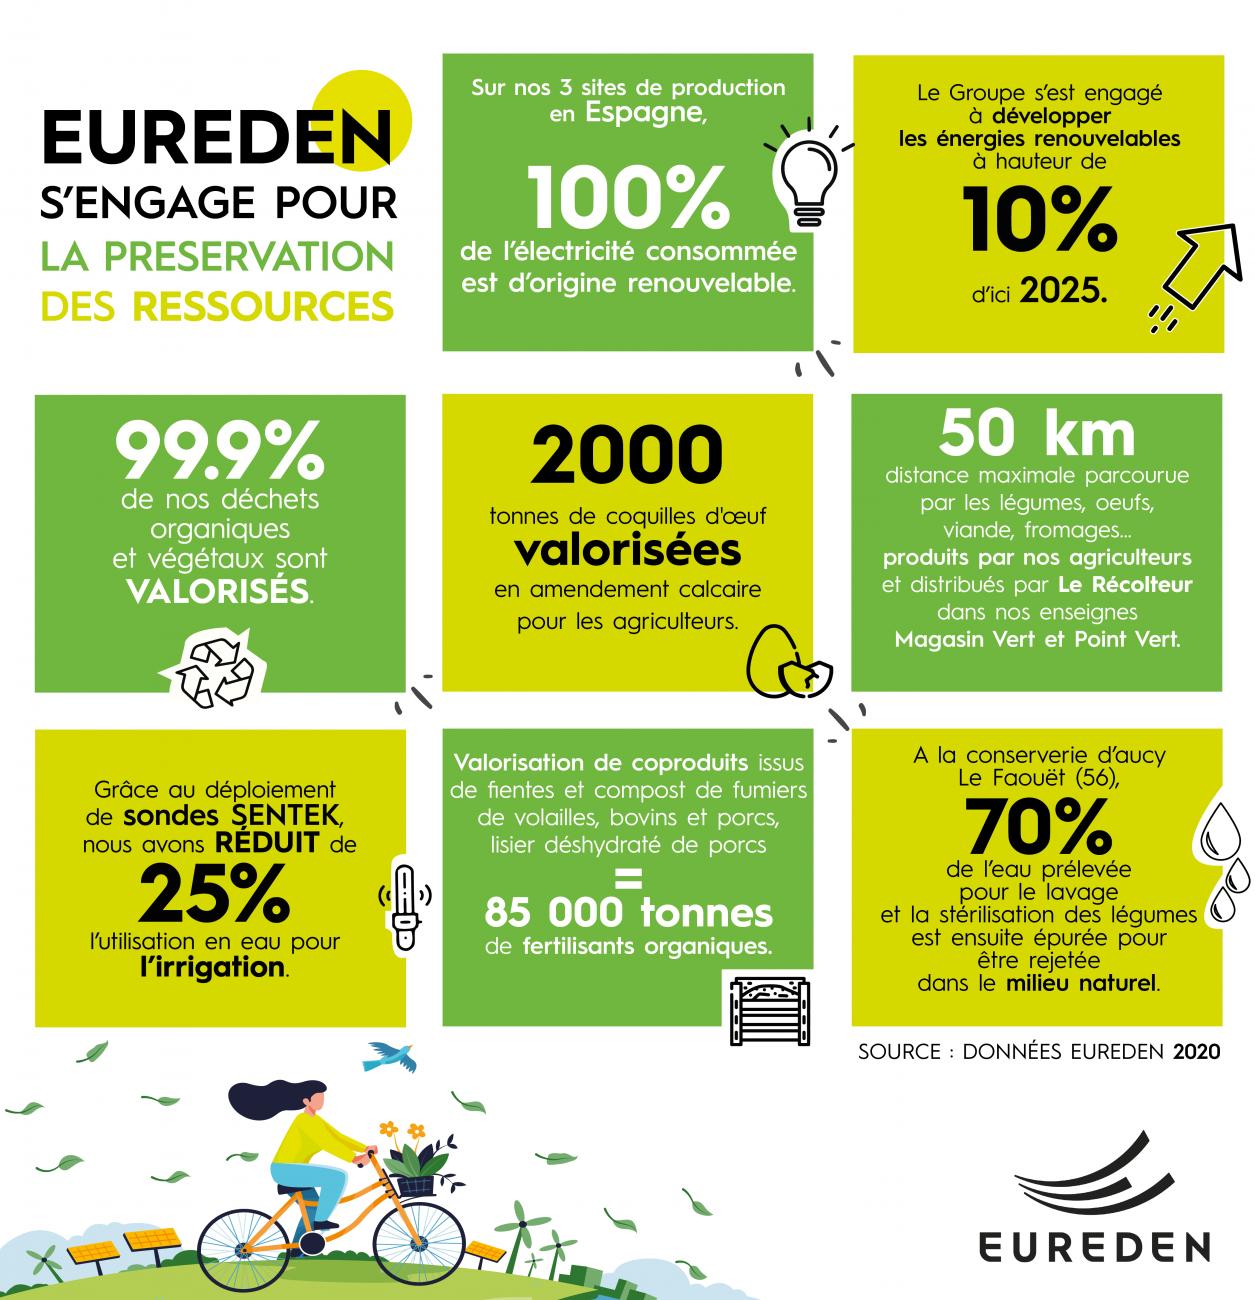 EUREDEN | Semaines du développement durable #SEDD2021 thème 2